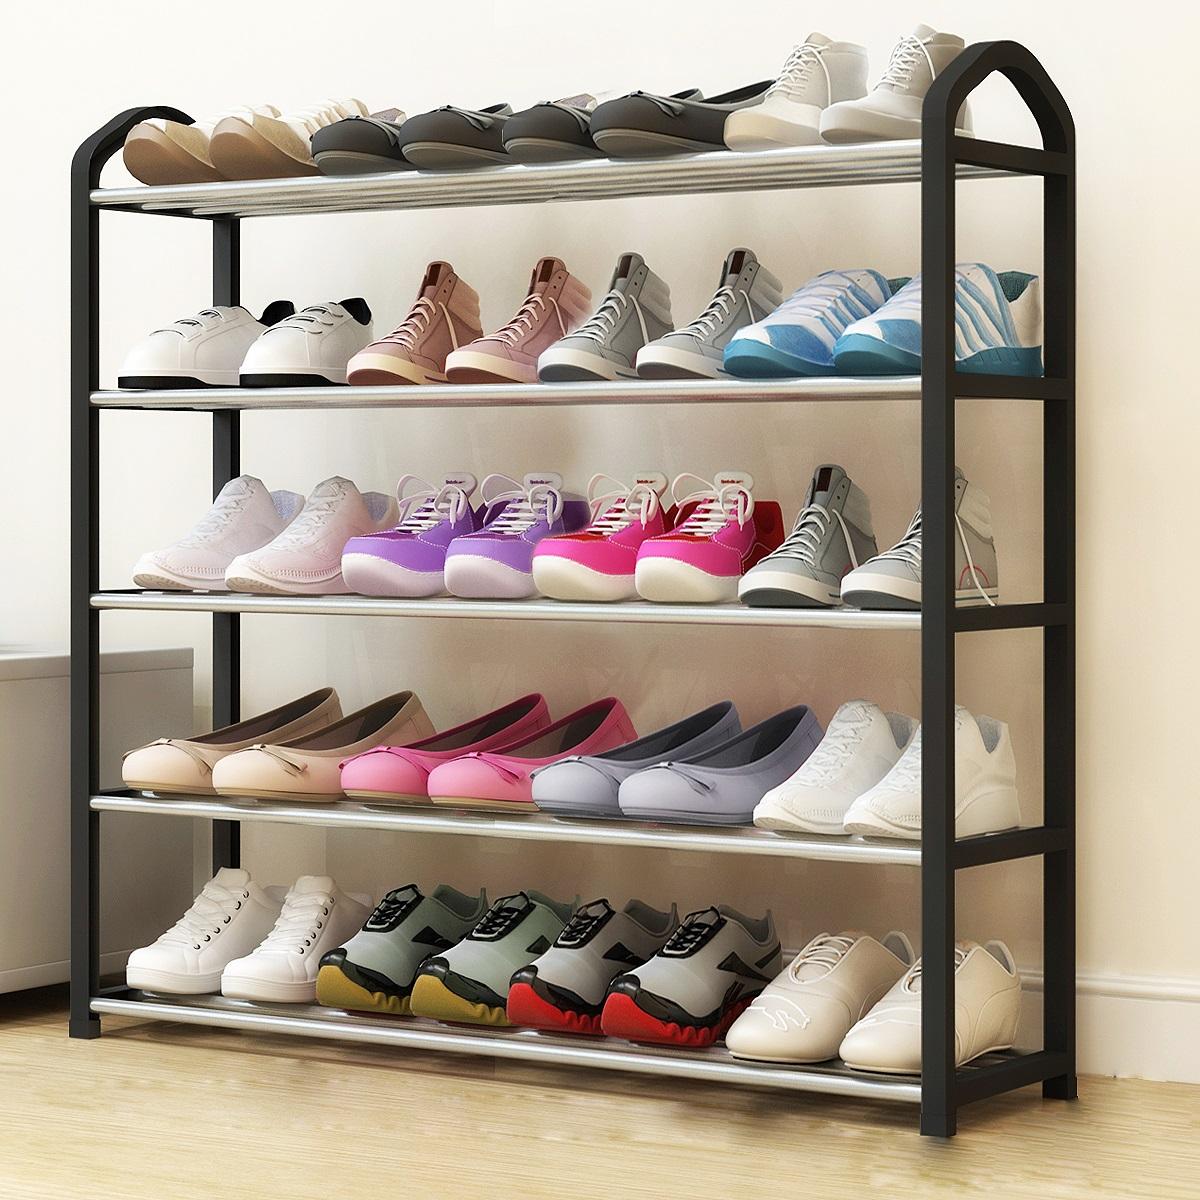 门口宿舍家用特价简易鞋架子多层经济型鞋柜不锈钢卫生间置物架